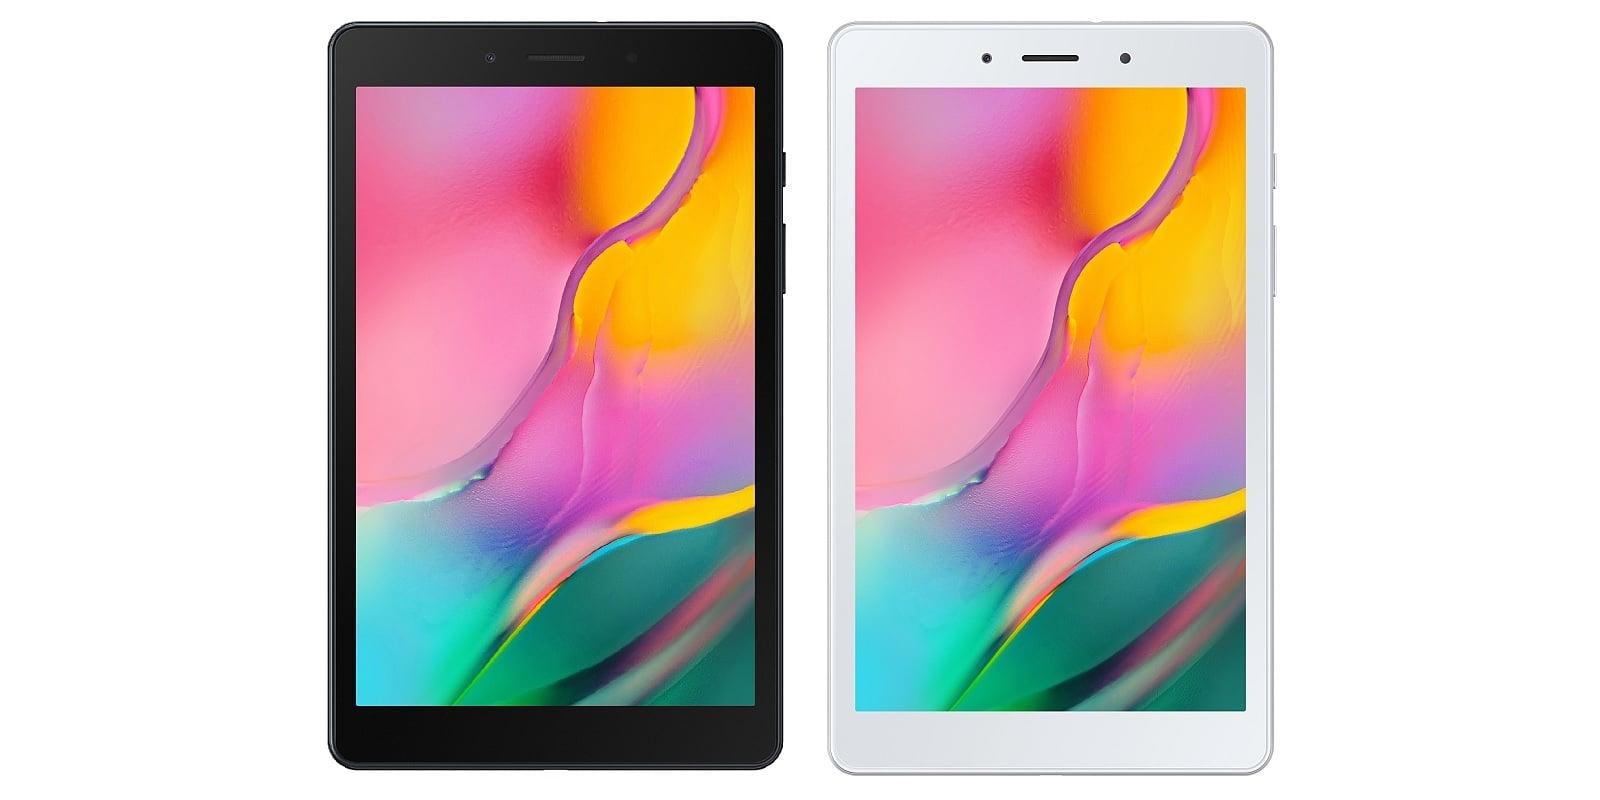 tablet Samsung Galaxy Tab A 8.0 2019